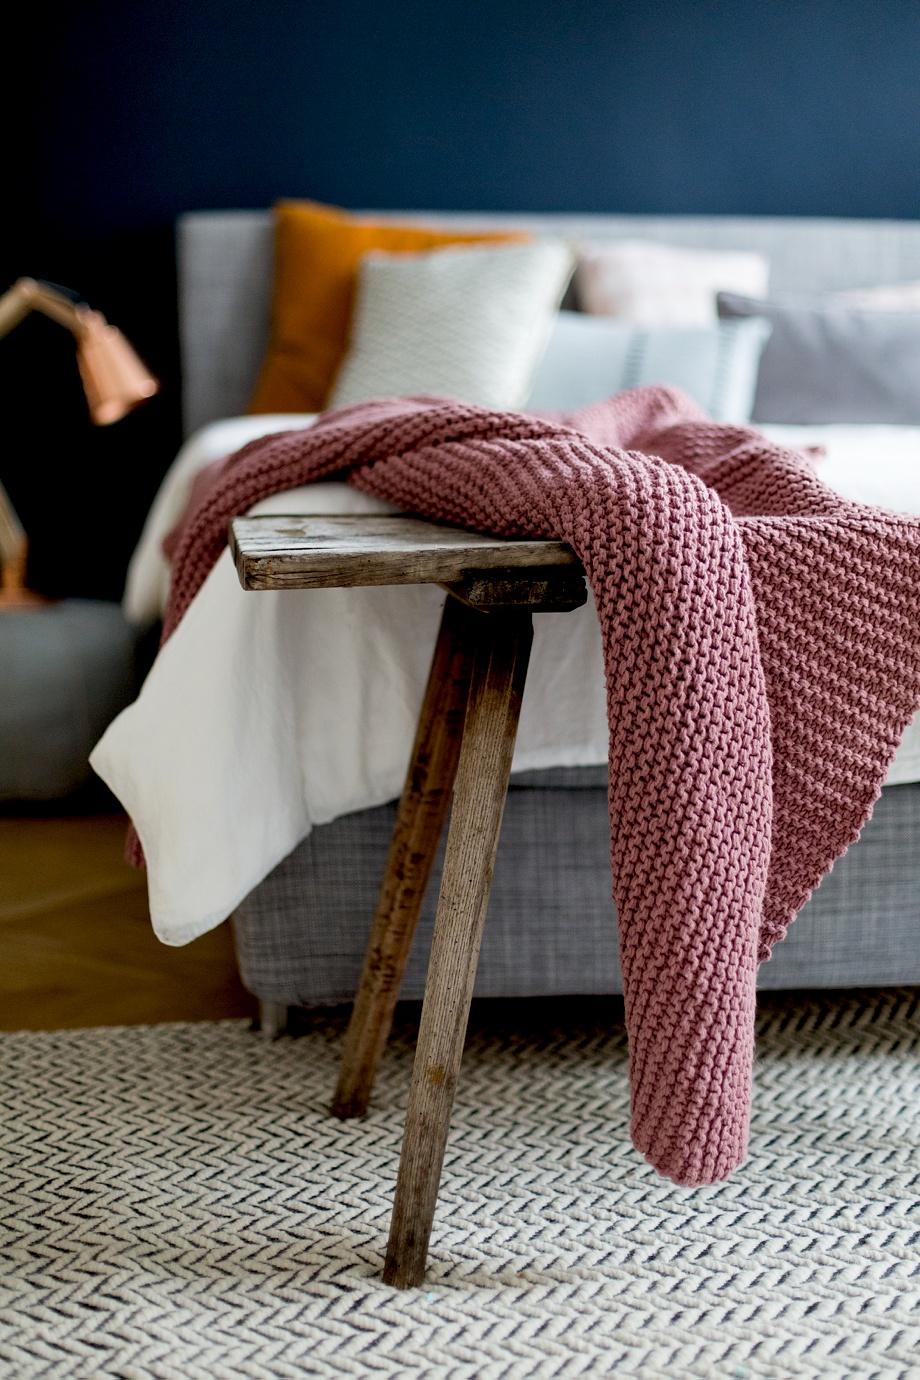 schoen bei dir schlafzimmer dekotipps wienerwohnsinn 0001 sch n bei dir by depot. Black Bedroom Furniture Sets. Home Design Ideas